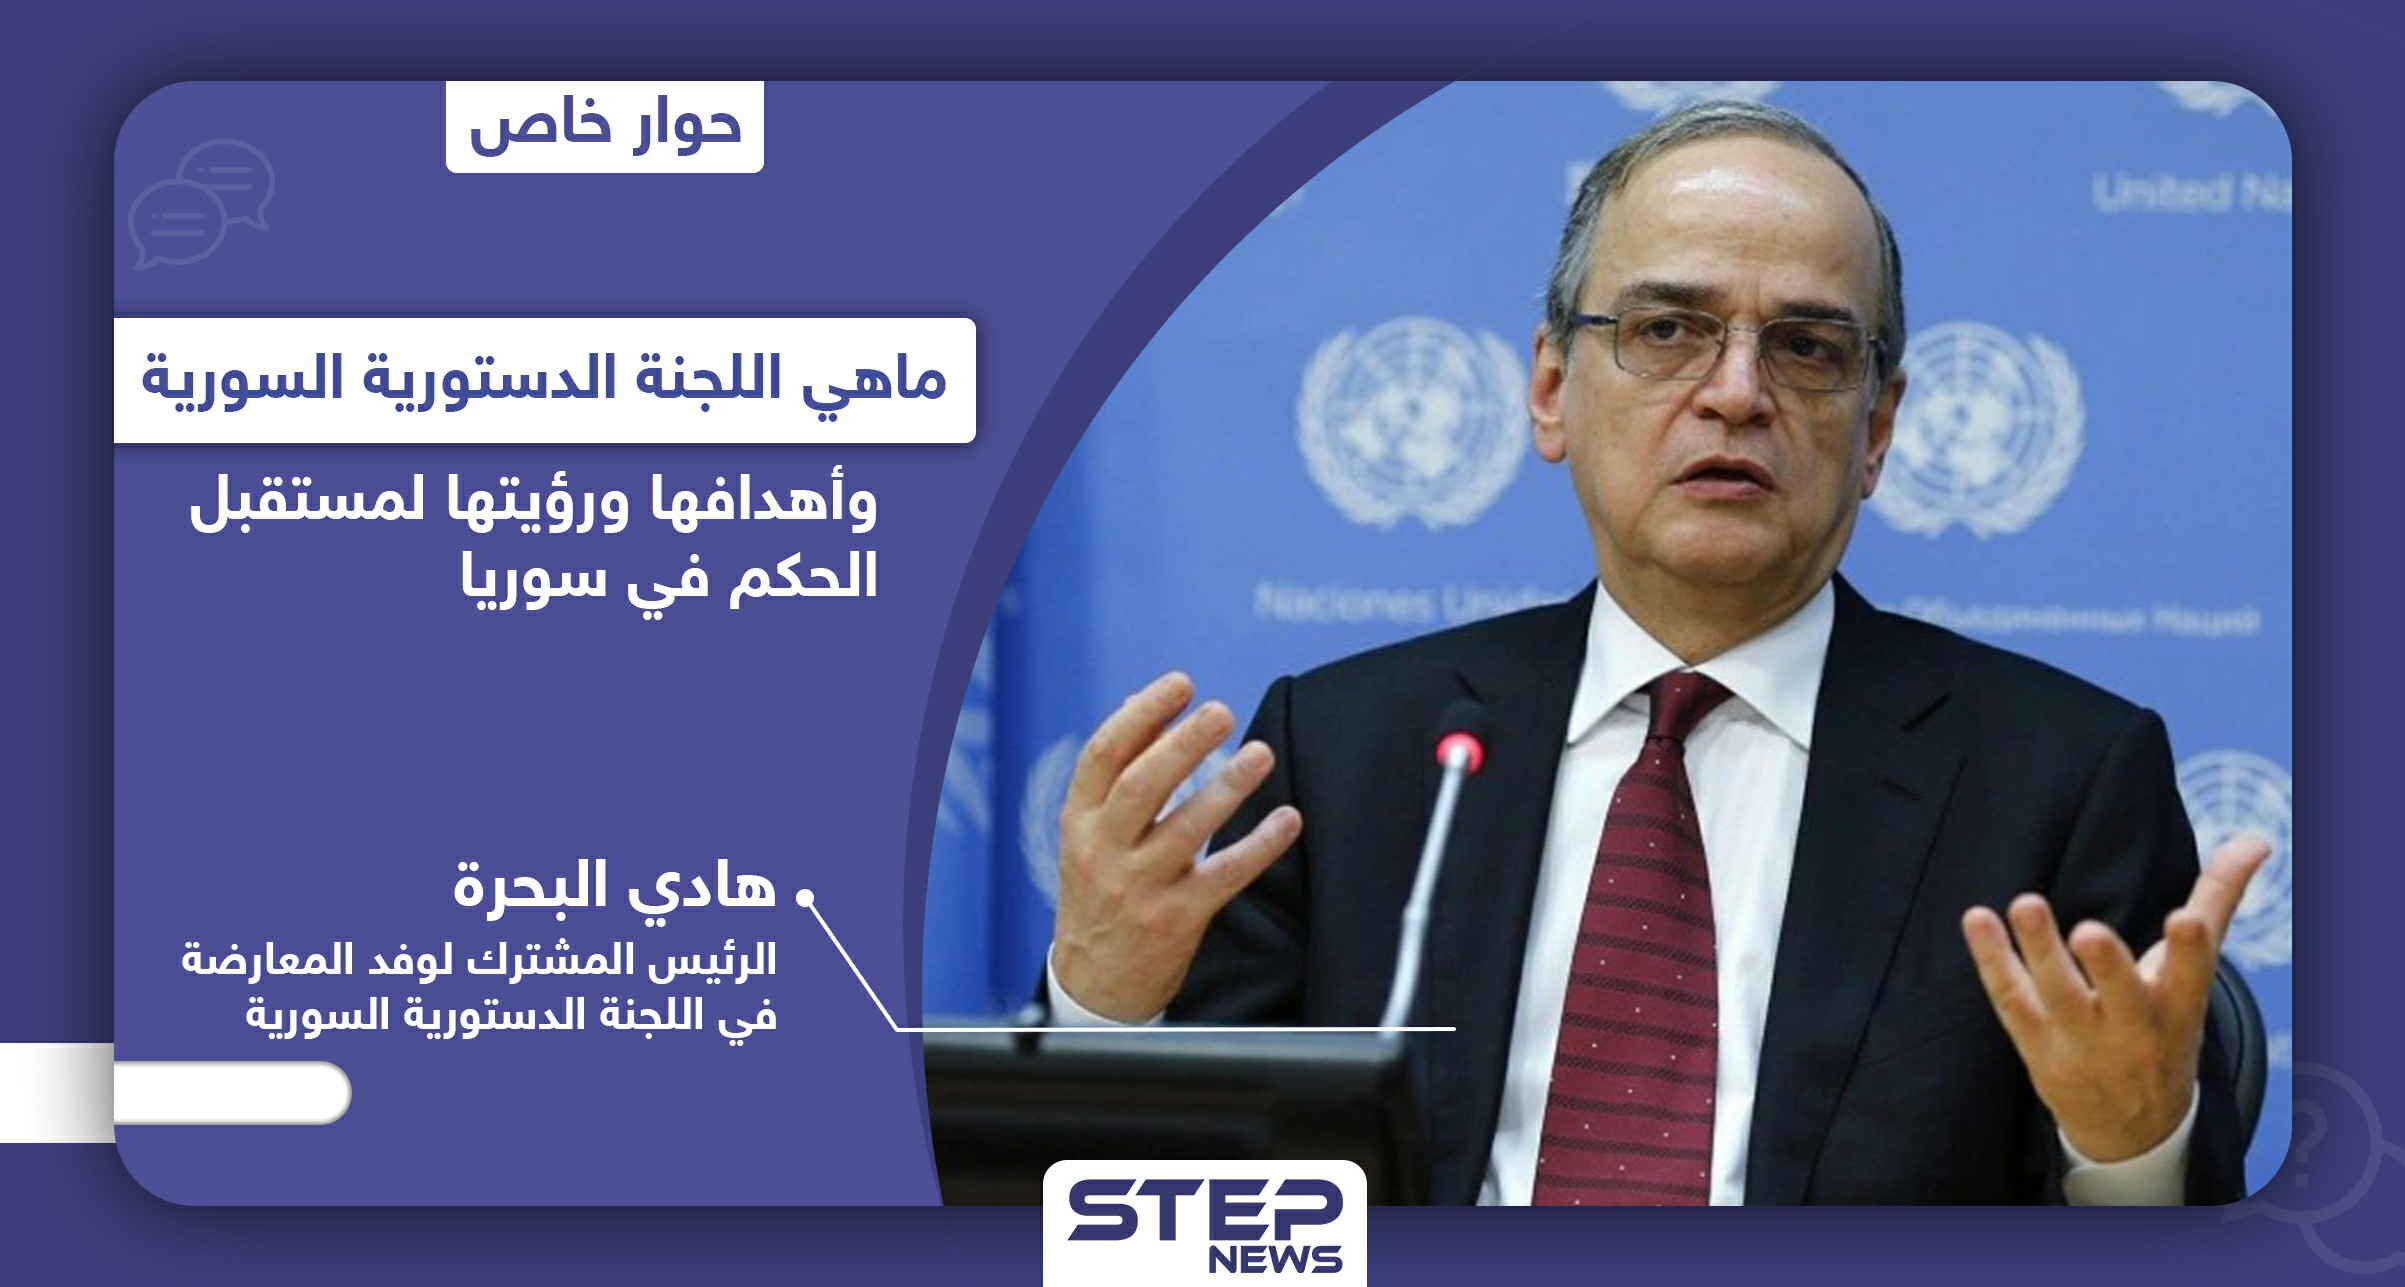 هادي البحرة يوضح أهداف وتفاصيل اللجنة الدستورية السورية